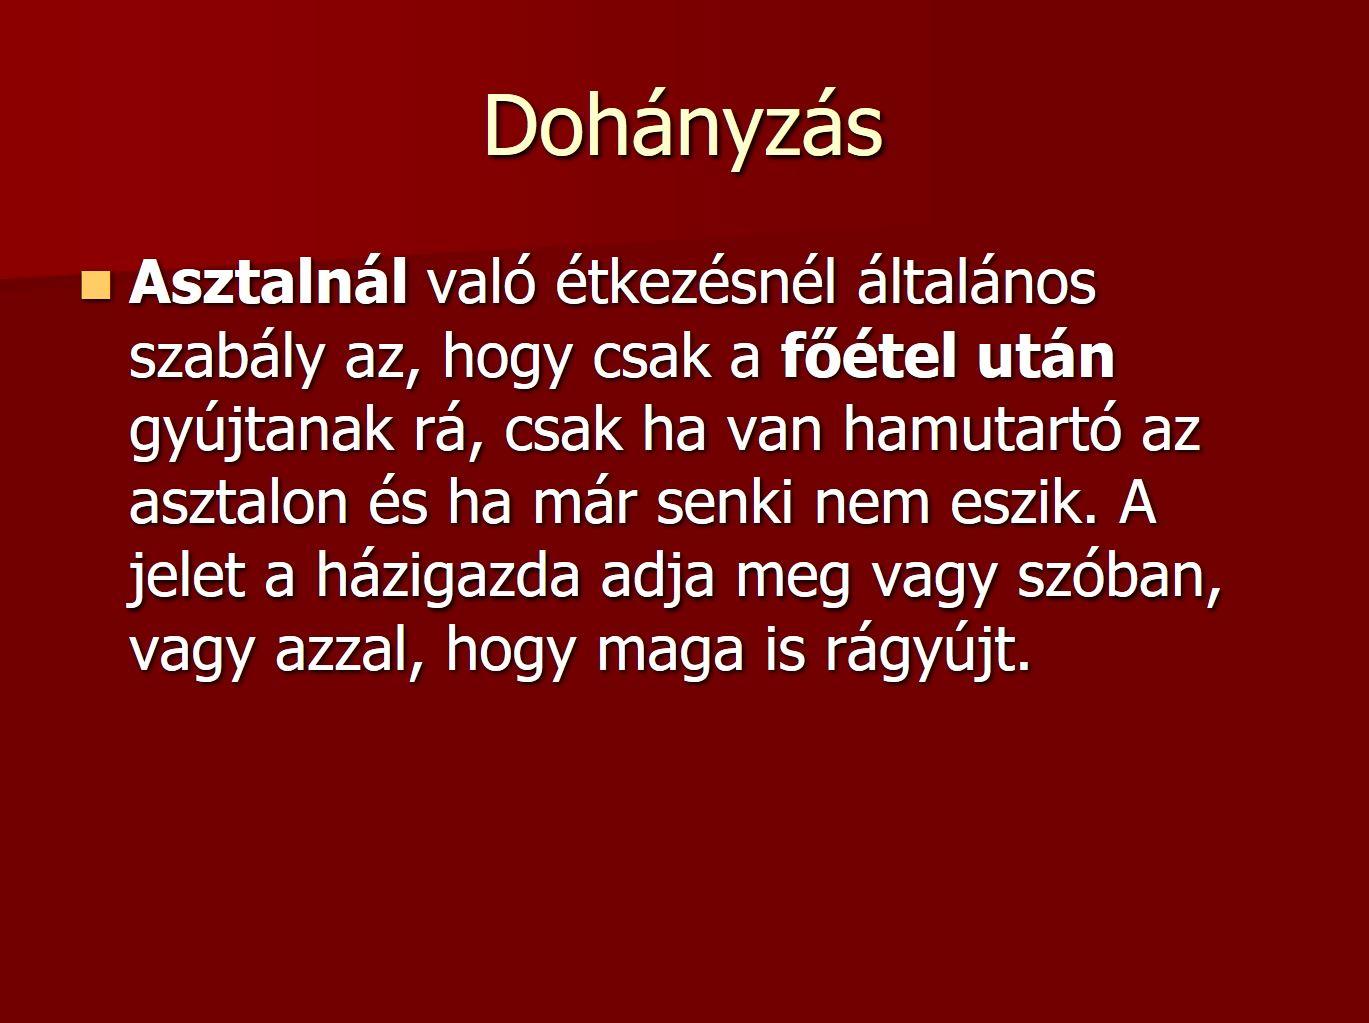 szivar_etikett_dohanyzas_illemtana_szivarozas_7.JPG